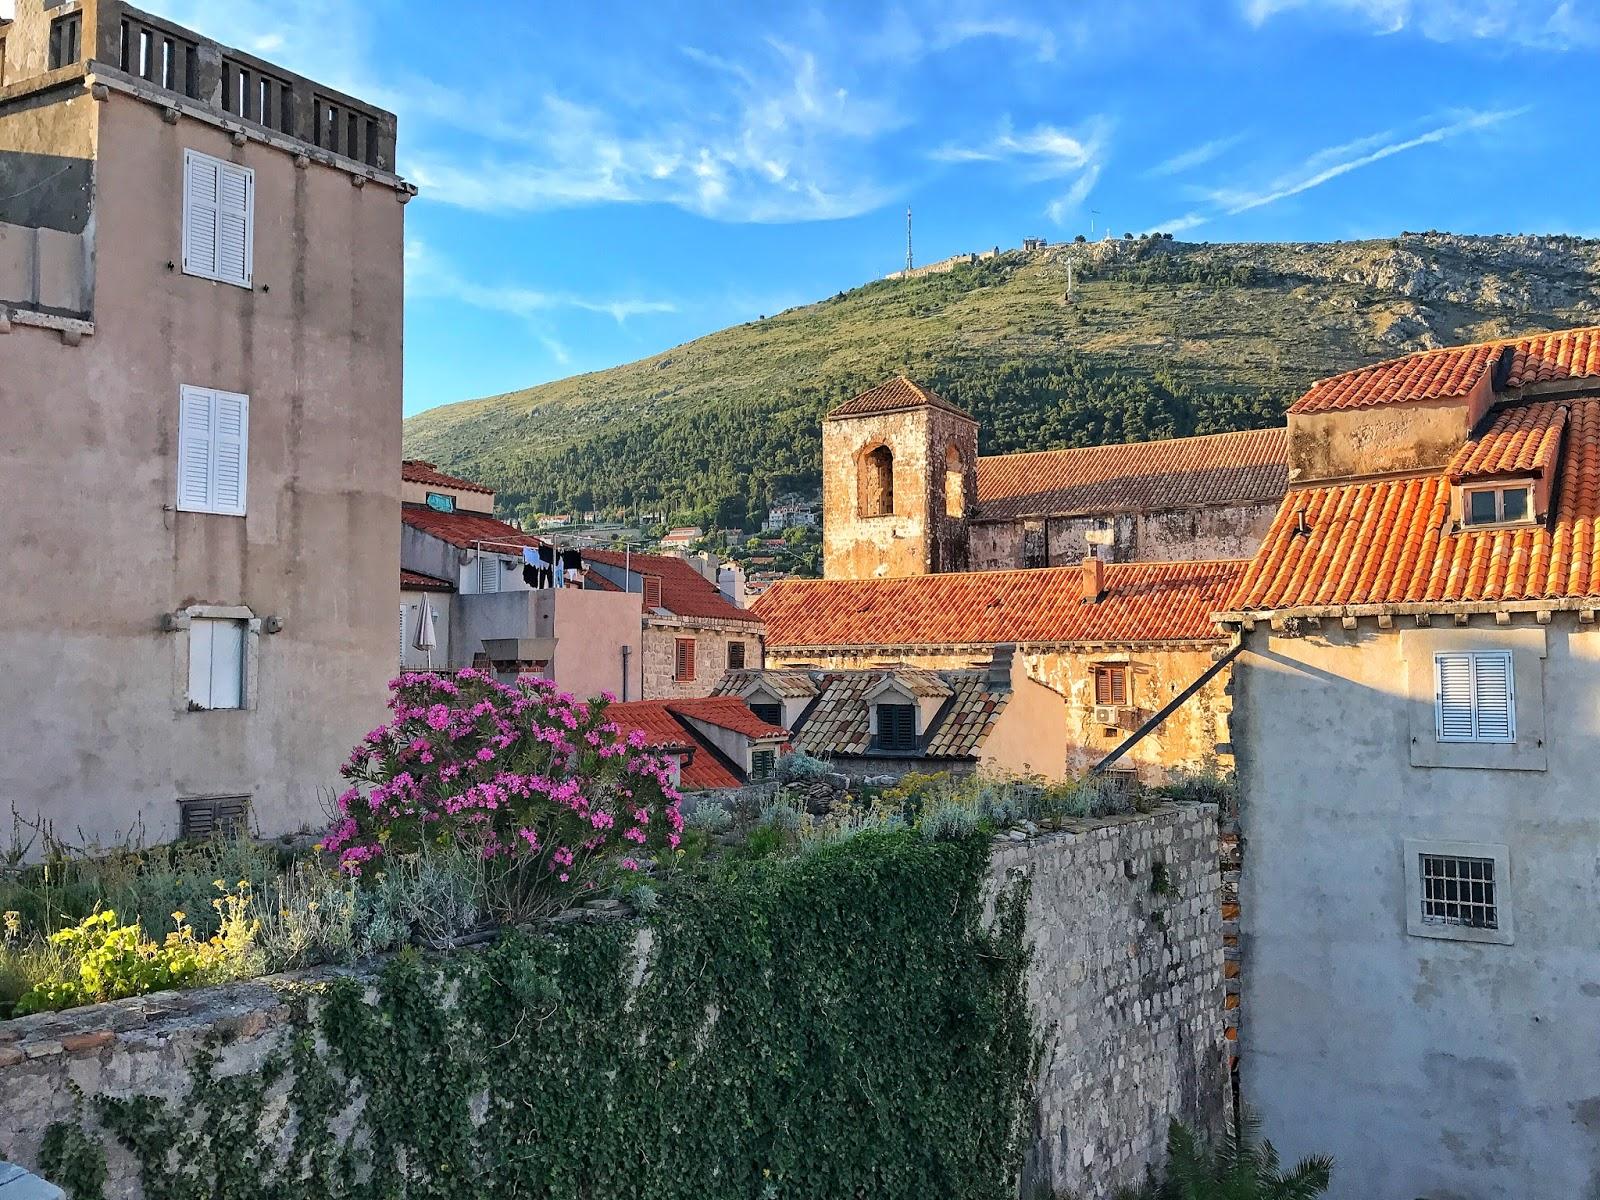 Beautiful Croatia views in Dubrovnik